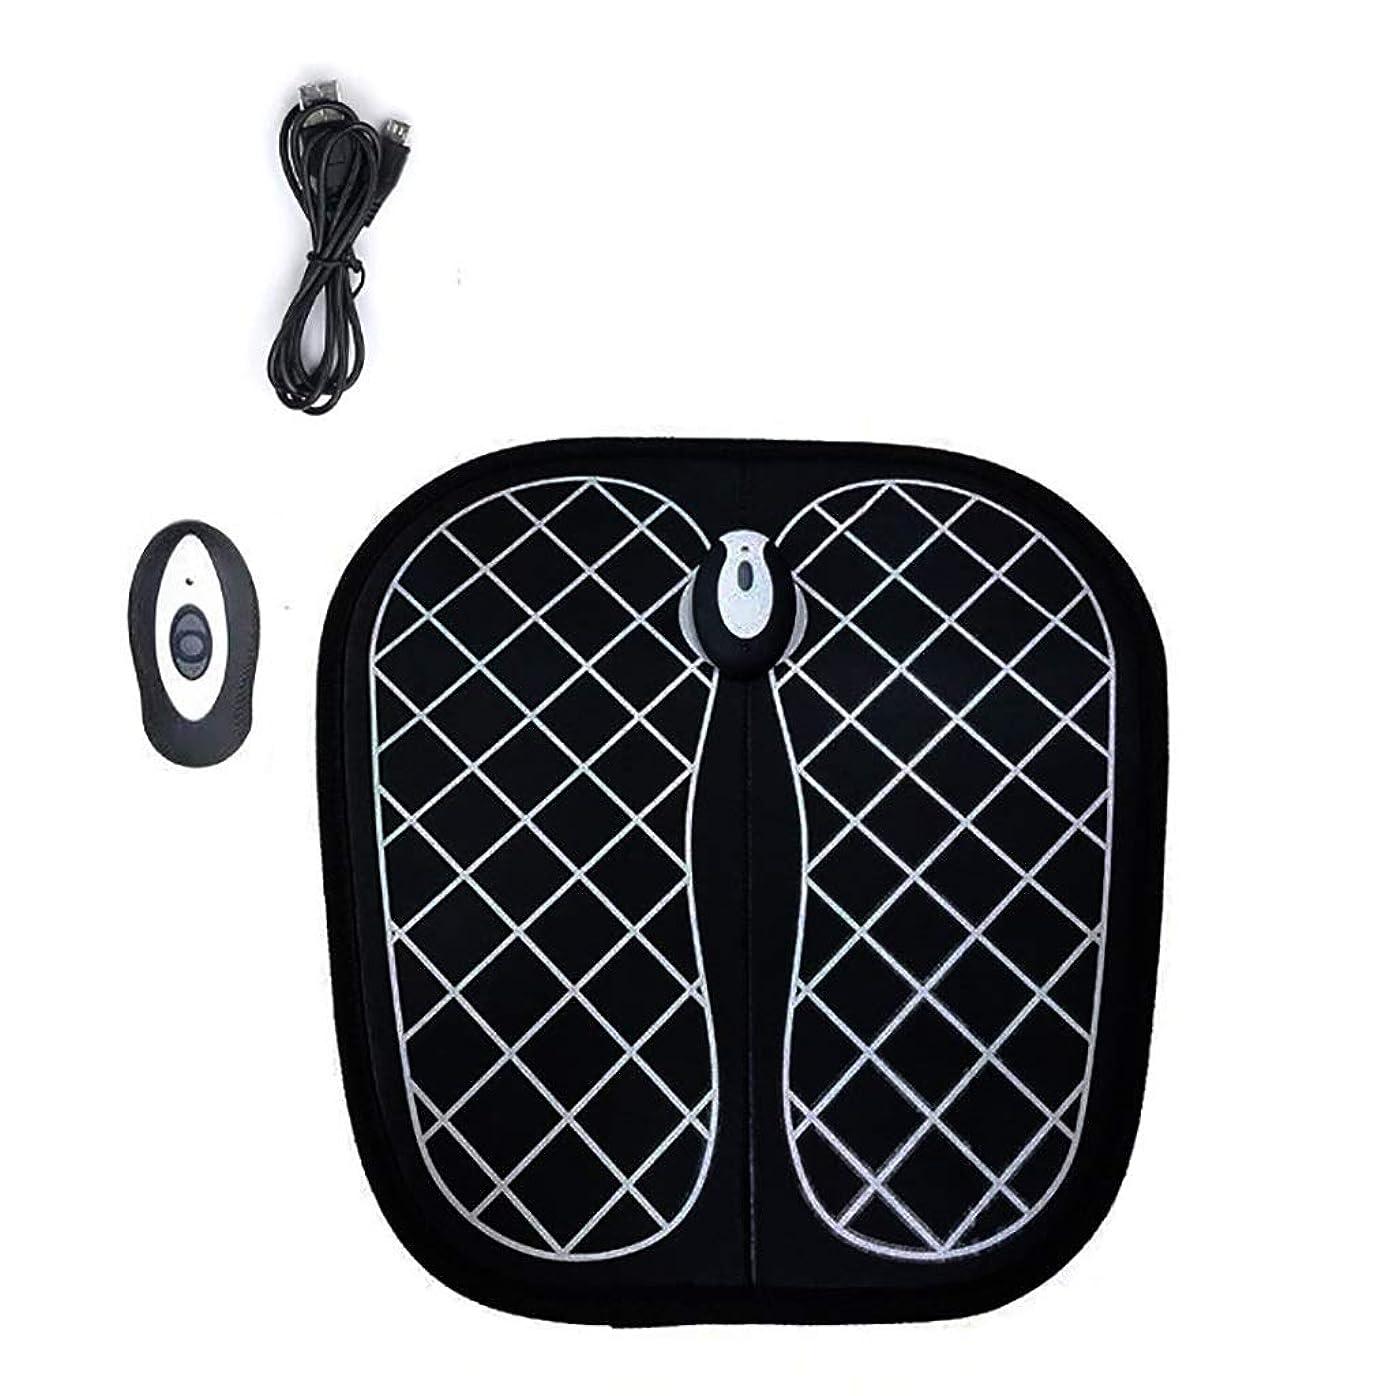 ガレージ治世コスト電動フットマッサージャー、振動足底パルスマット、USB充電式ヘルプで血行を改善し、痛みや痛みを和らげます (Color : Black)